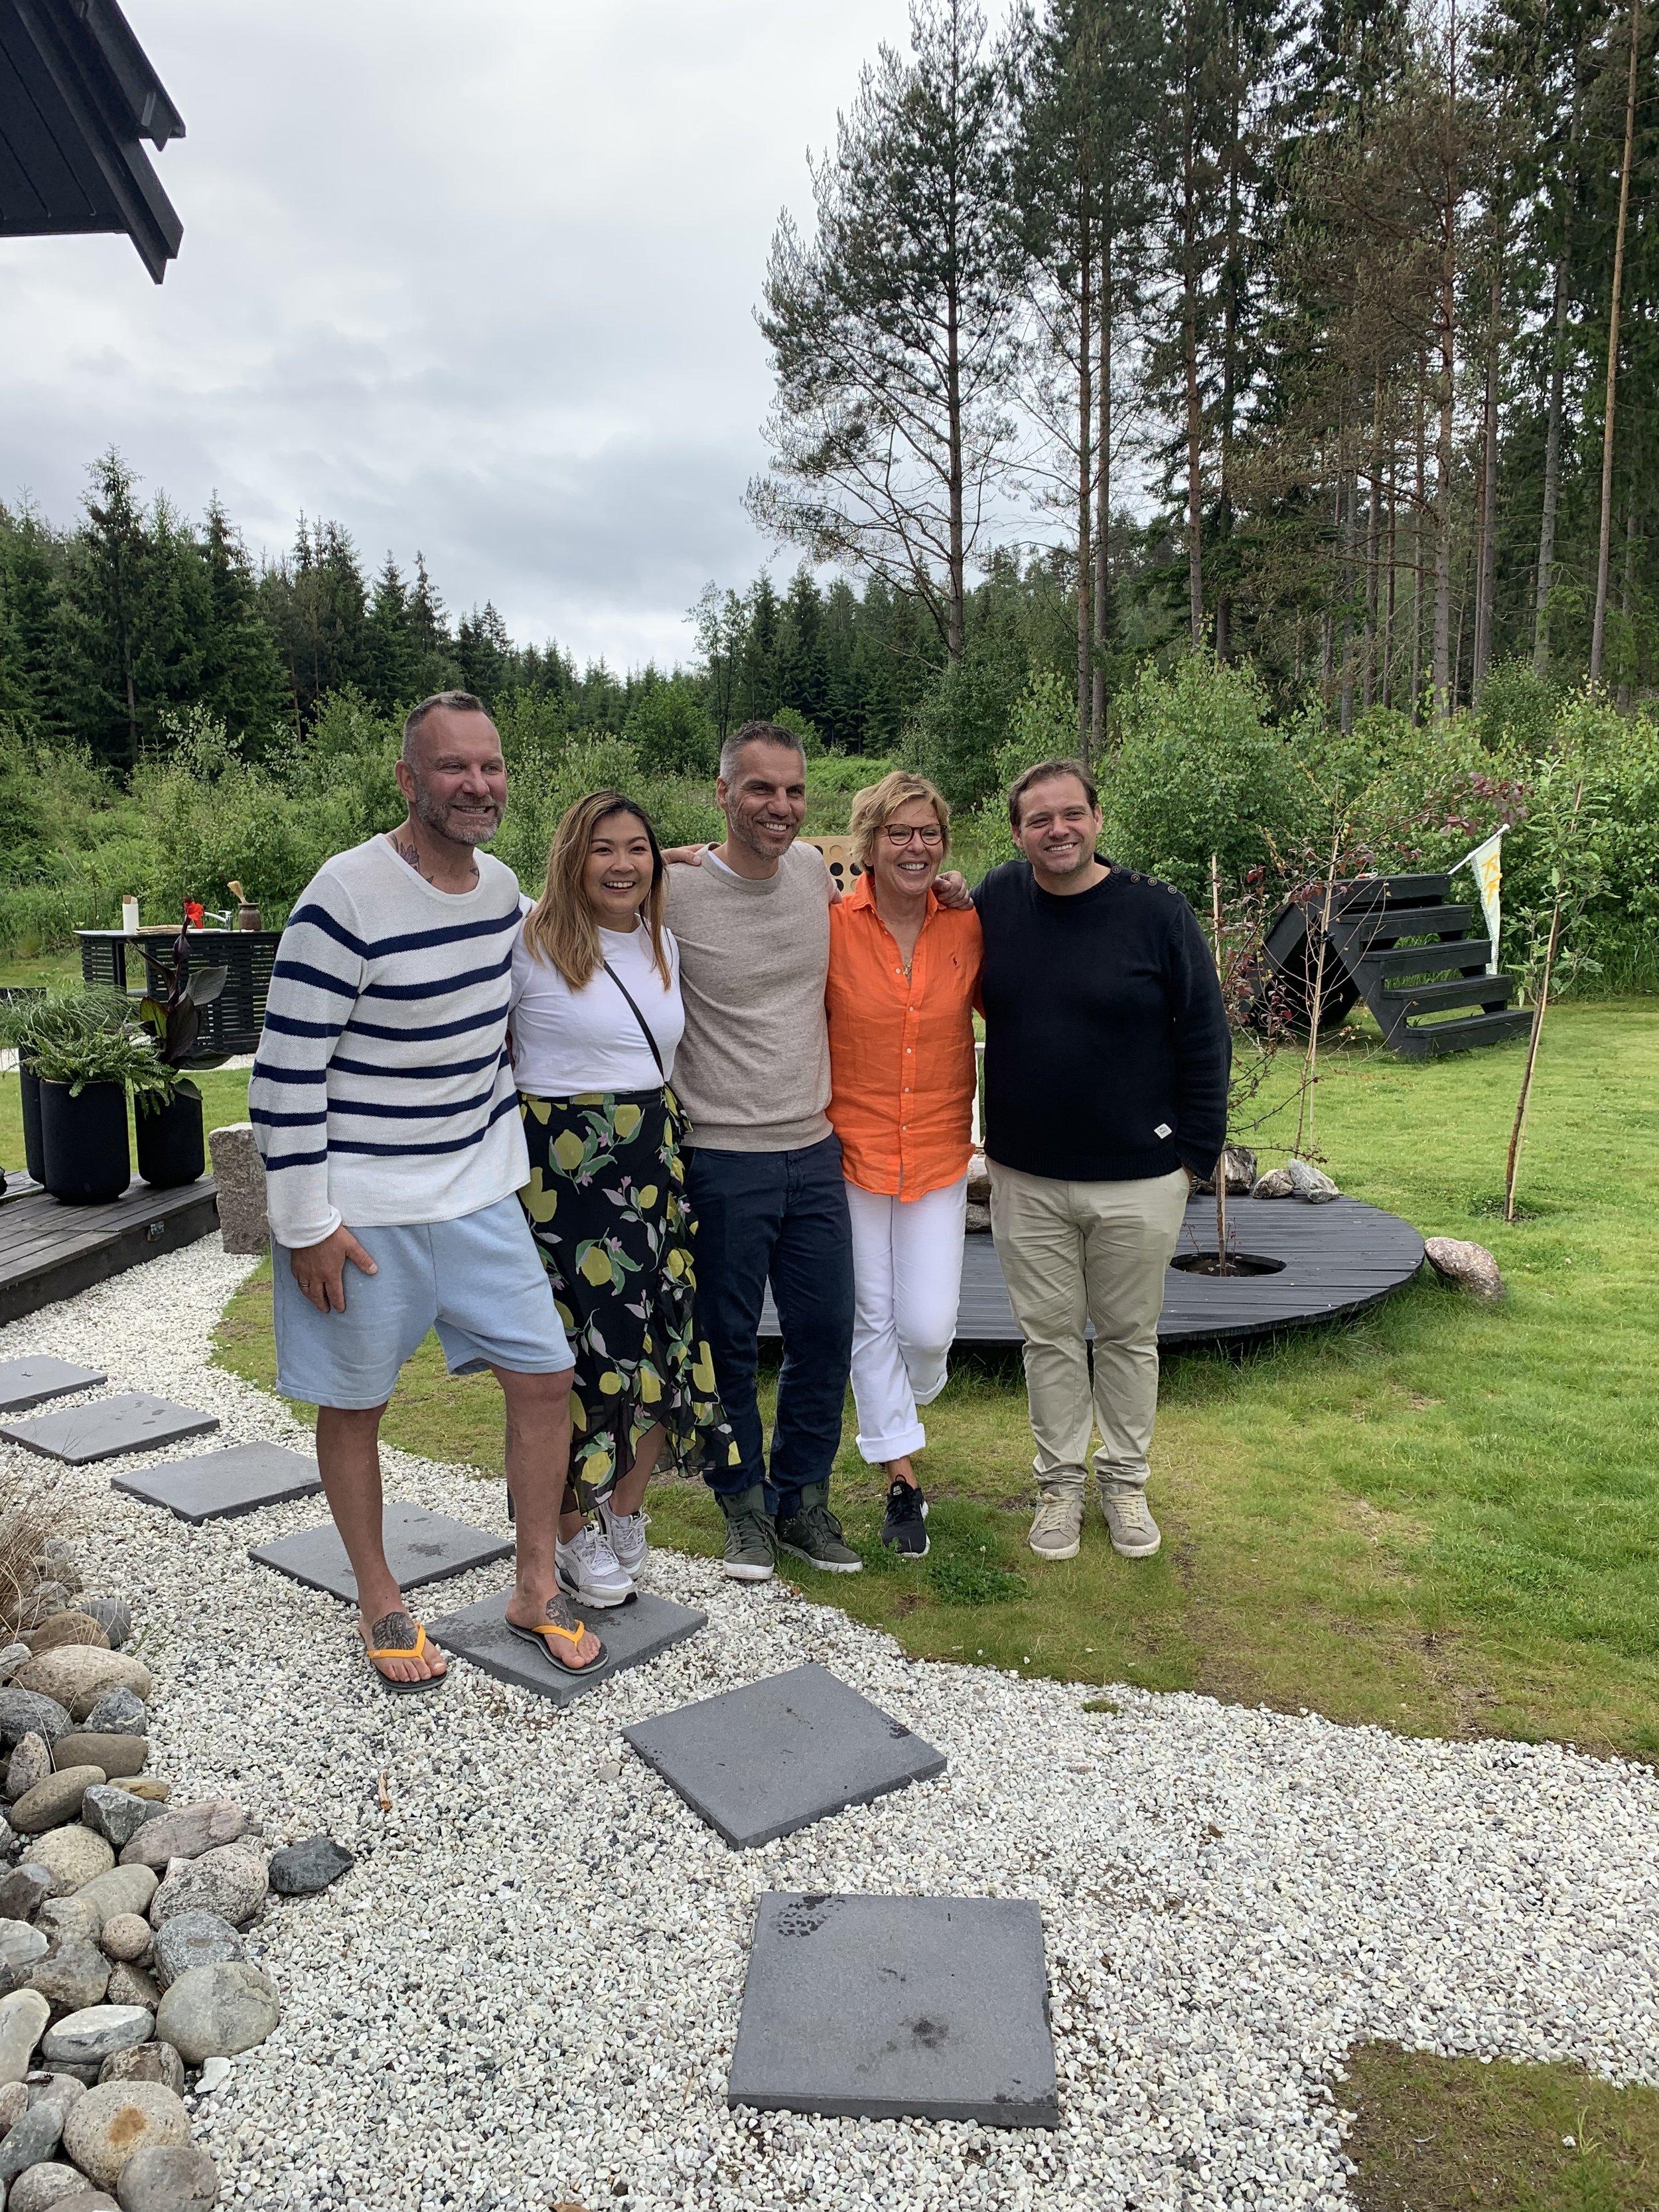 Takk for besøket: Thuy, Espen & Wenche